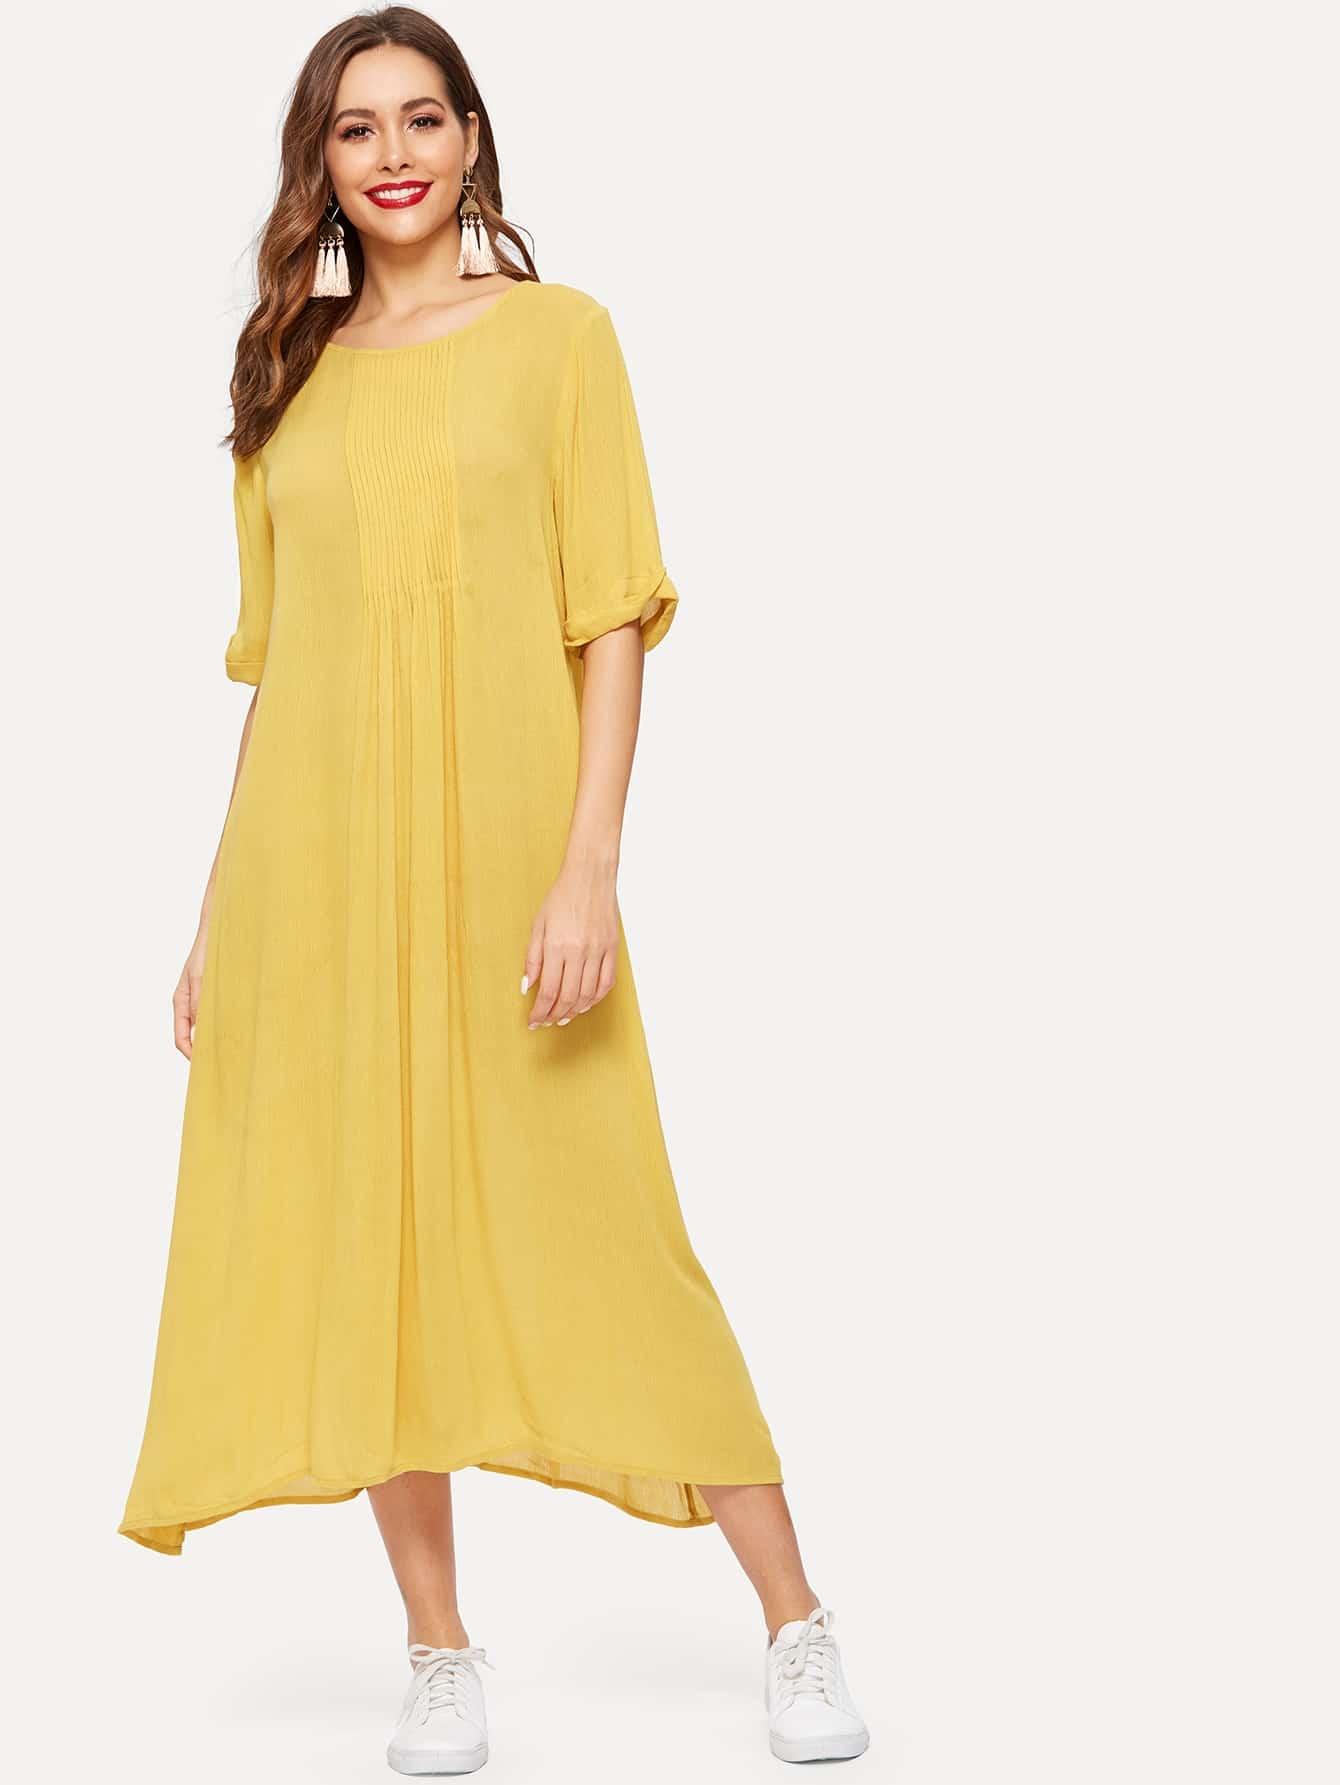 Купить Однотонное платье со складками, Giulia, SheIn